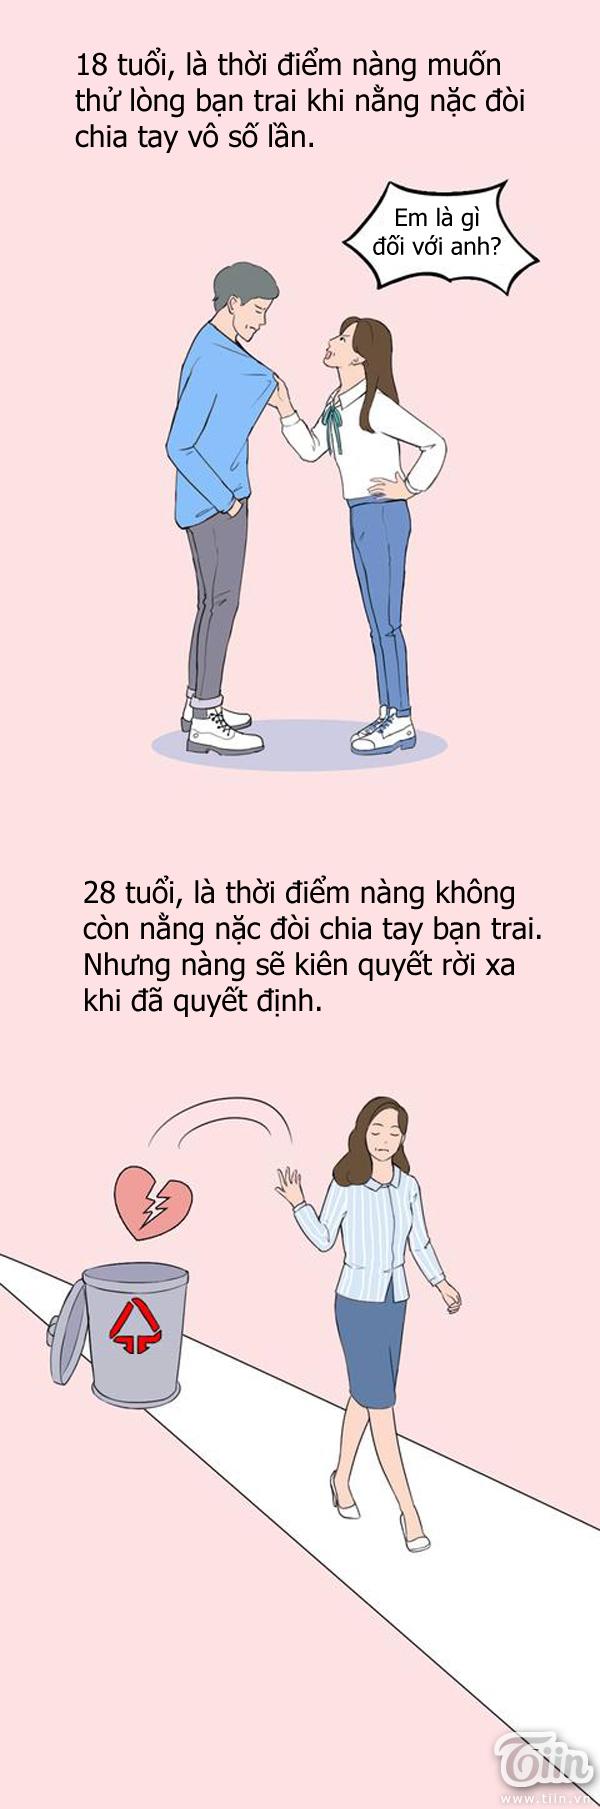 Tình yêu của những cô gái tuổi 18 khác với khi 28 tuổi như thế nào? 4